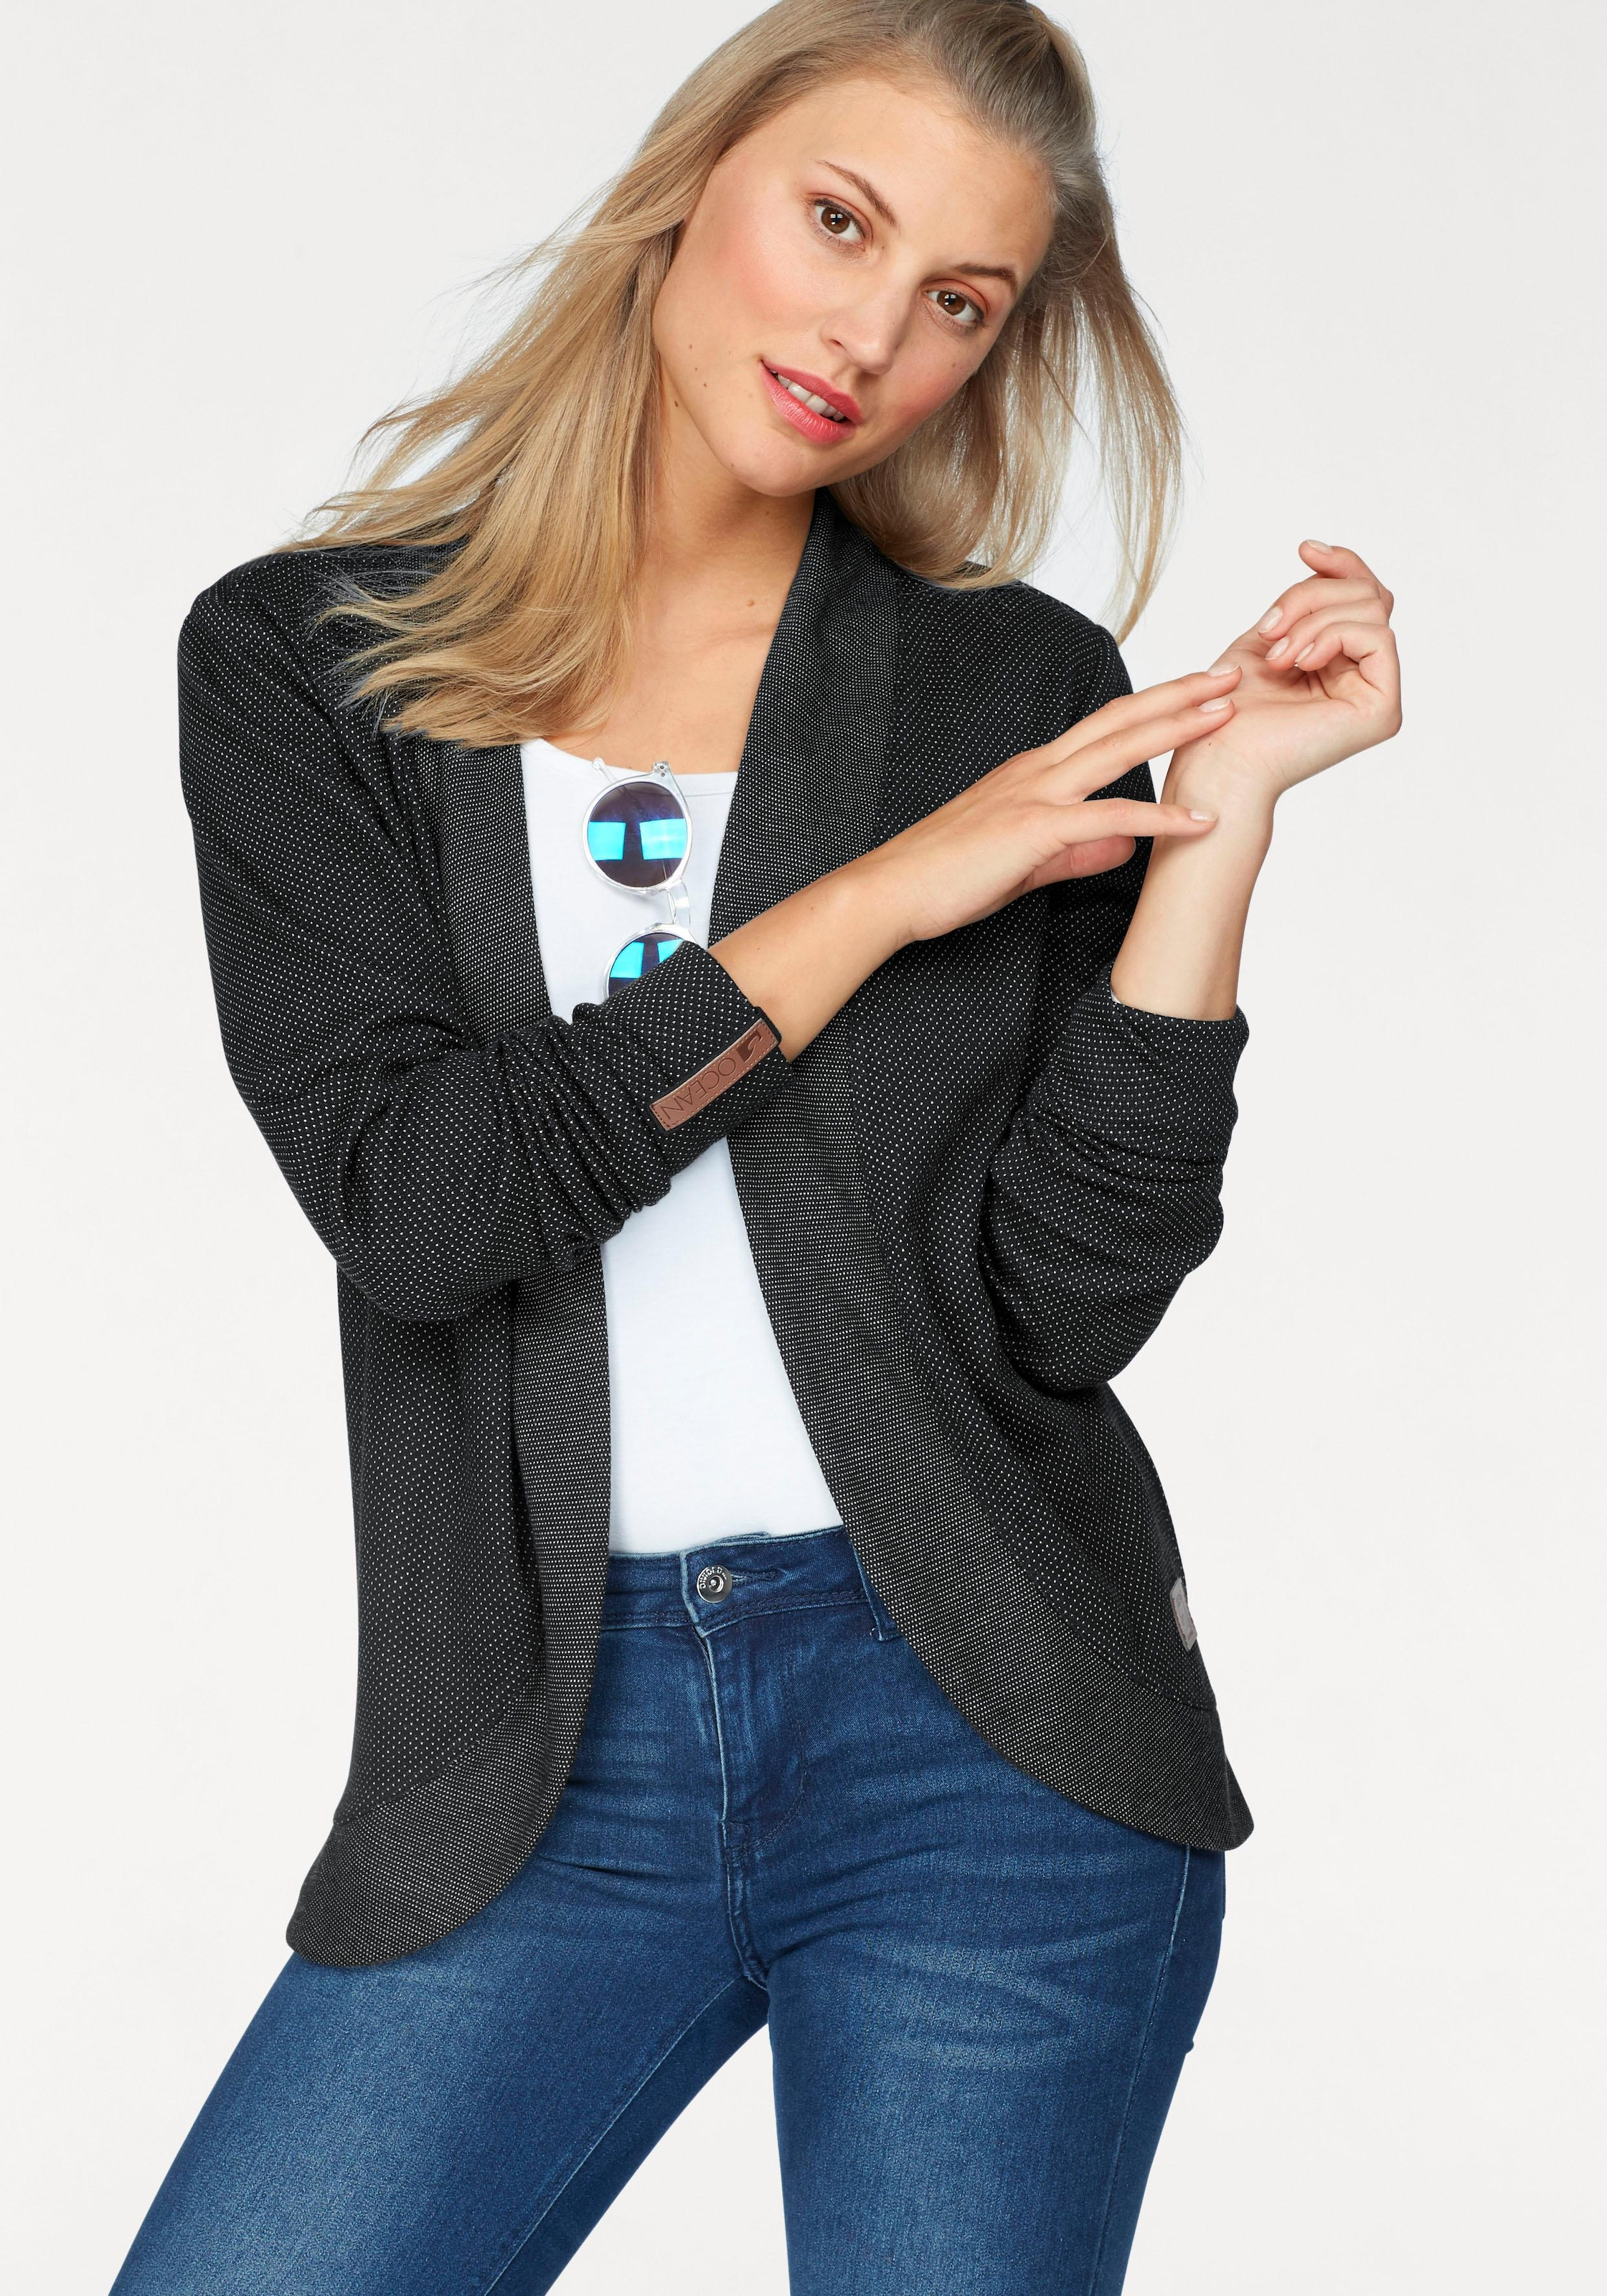 Schneider Sportswear DAISY Damen Sweatjacke Jacke Hoodie Baumwolle weiß 38-42